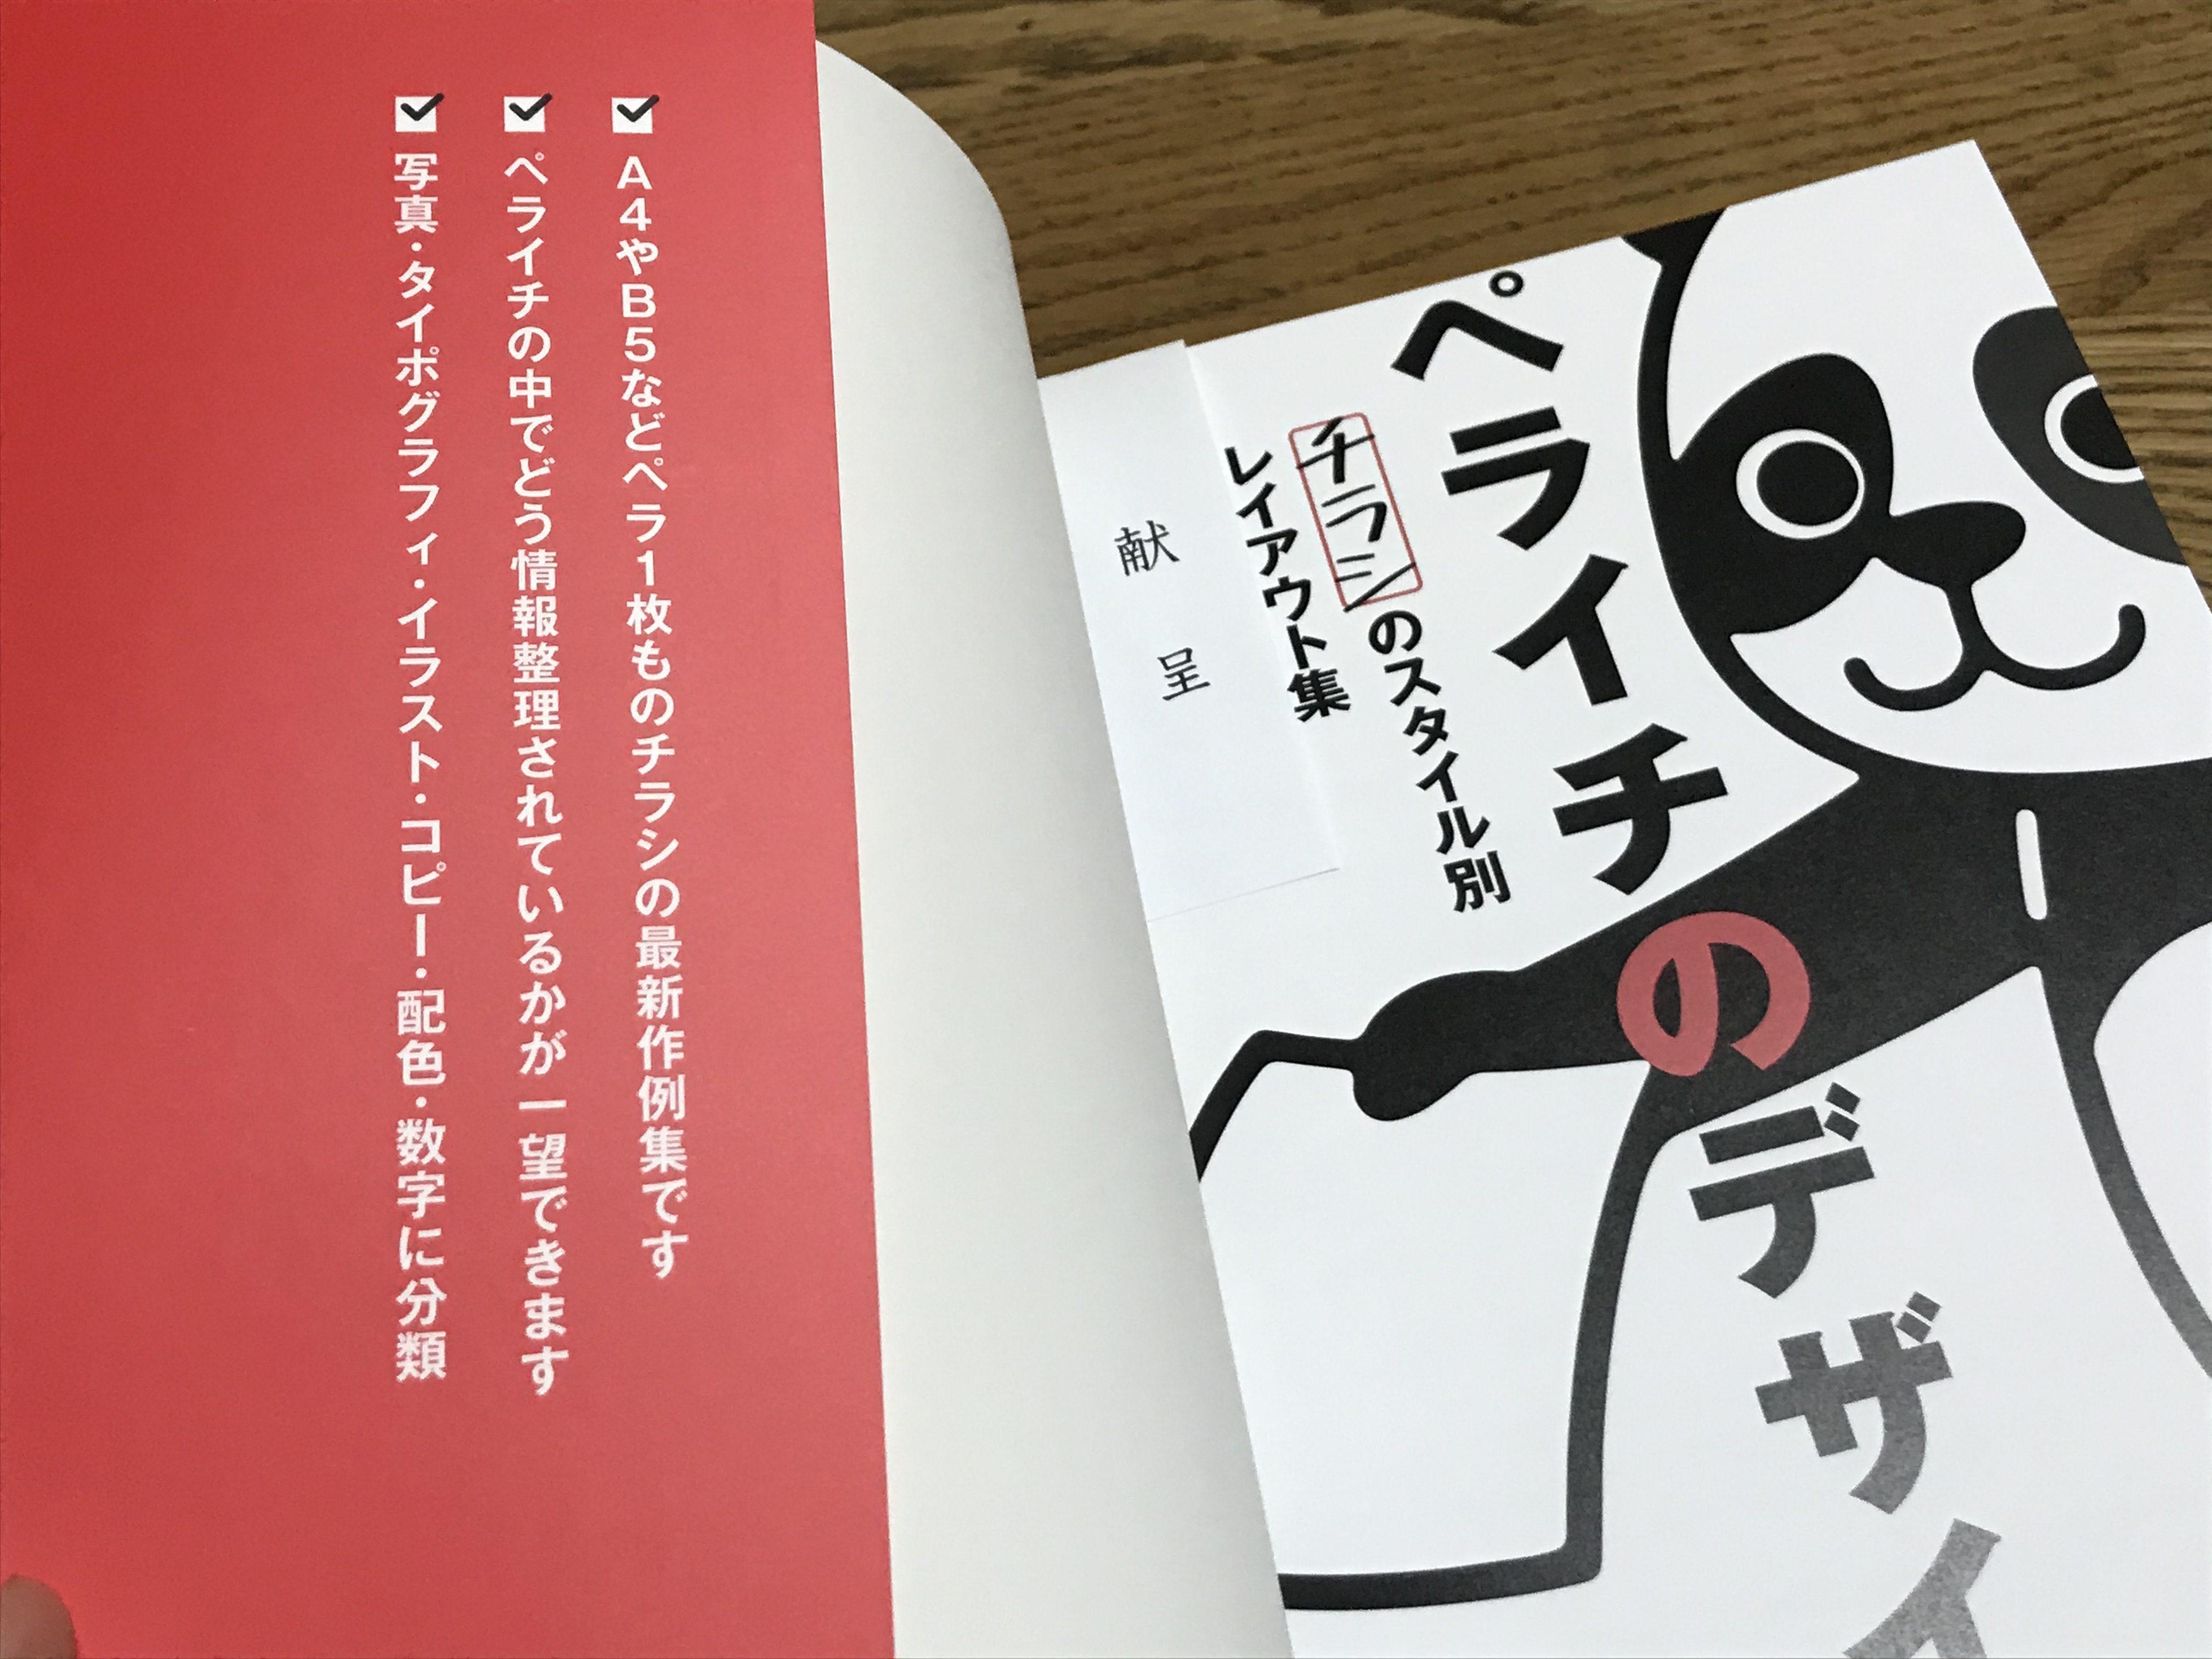 ペライチのデザイン,チラシ,川西,宝塚